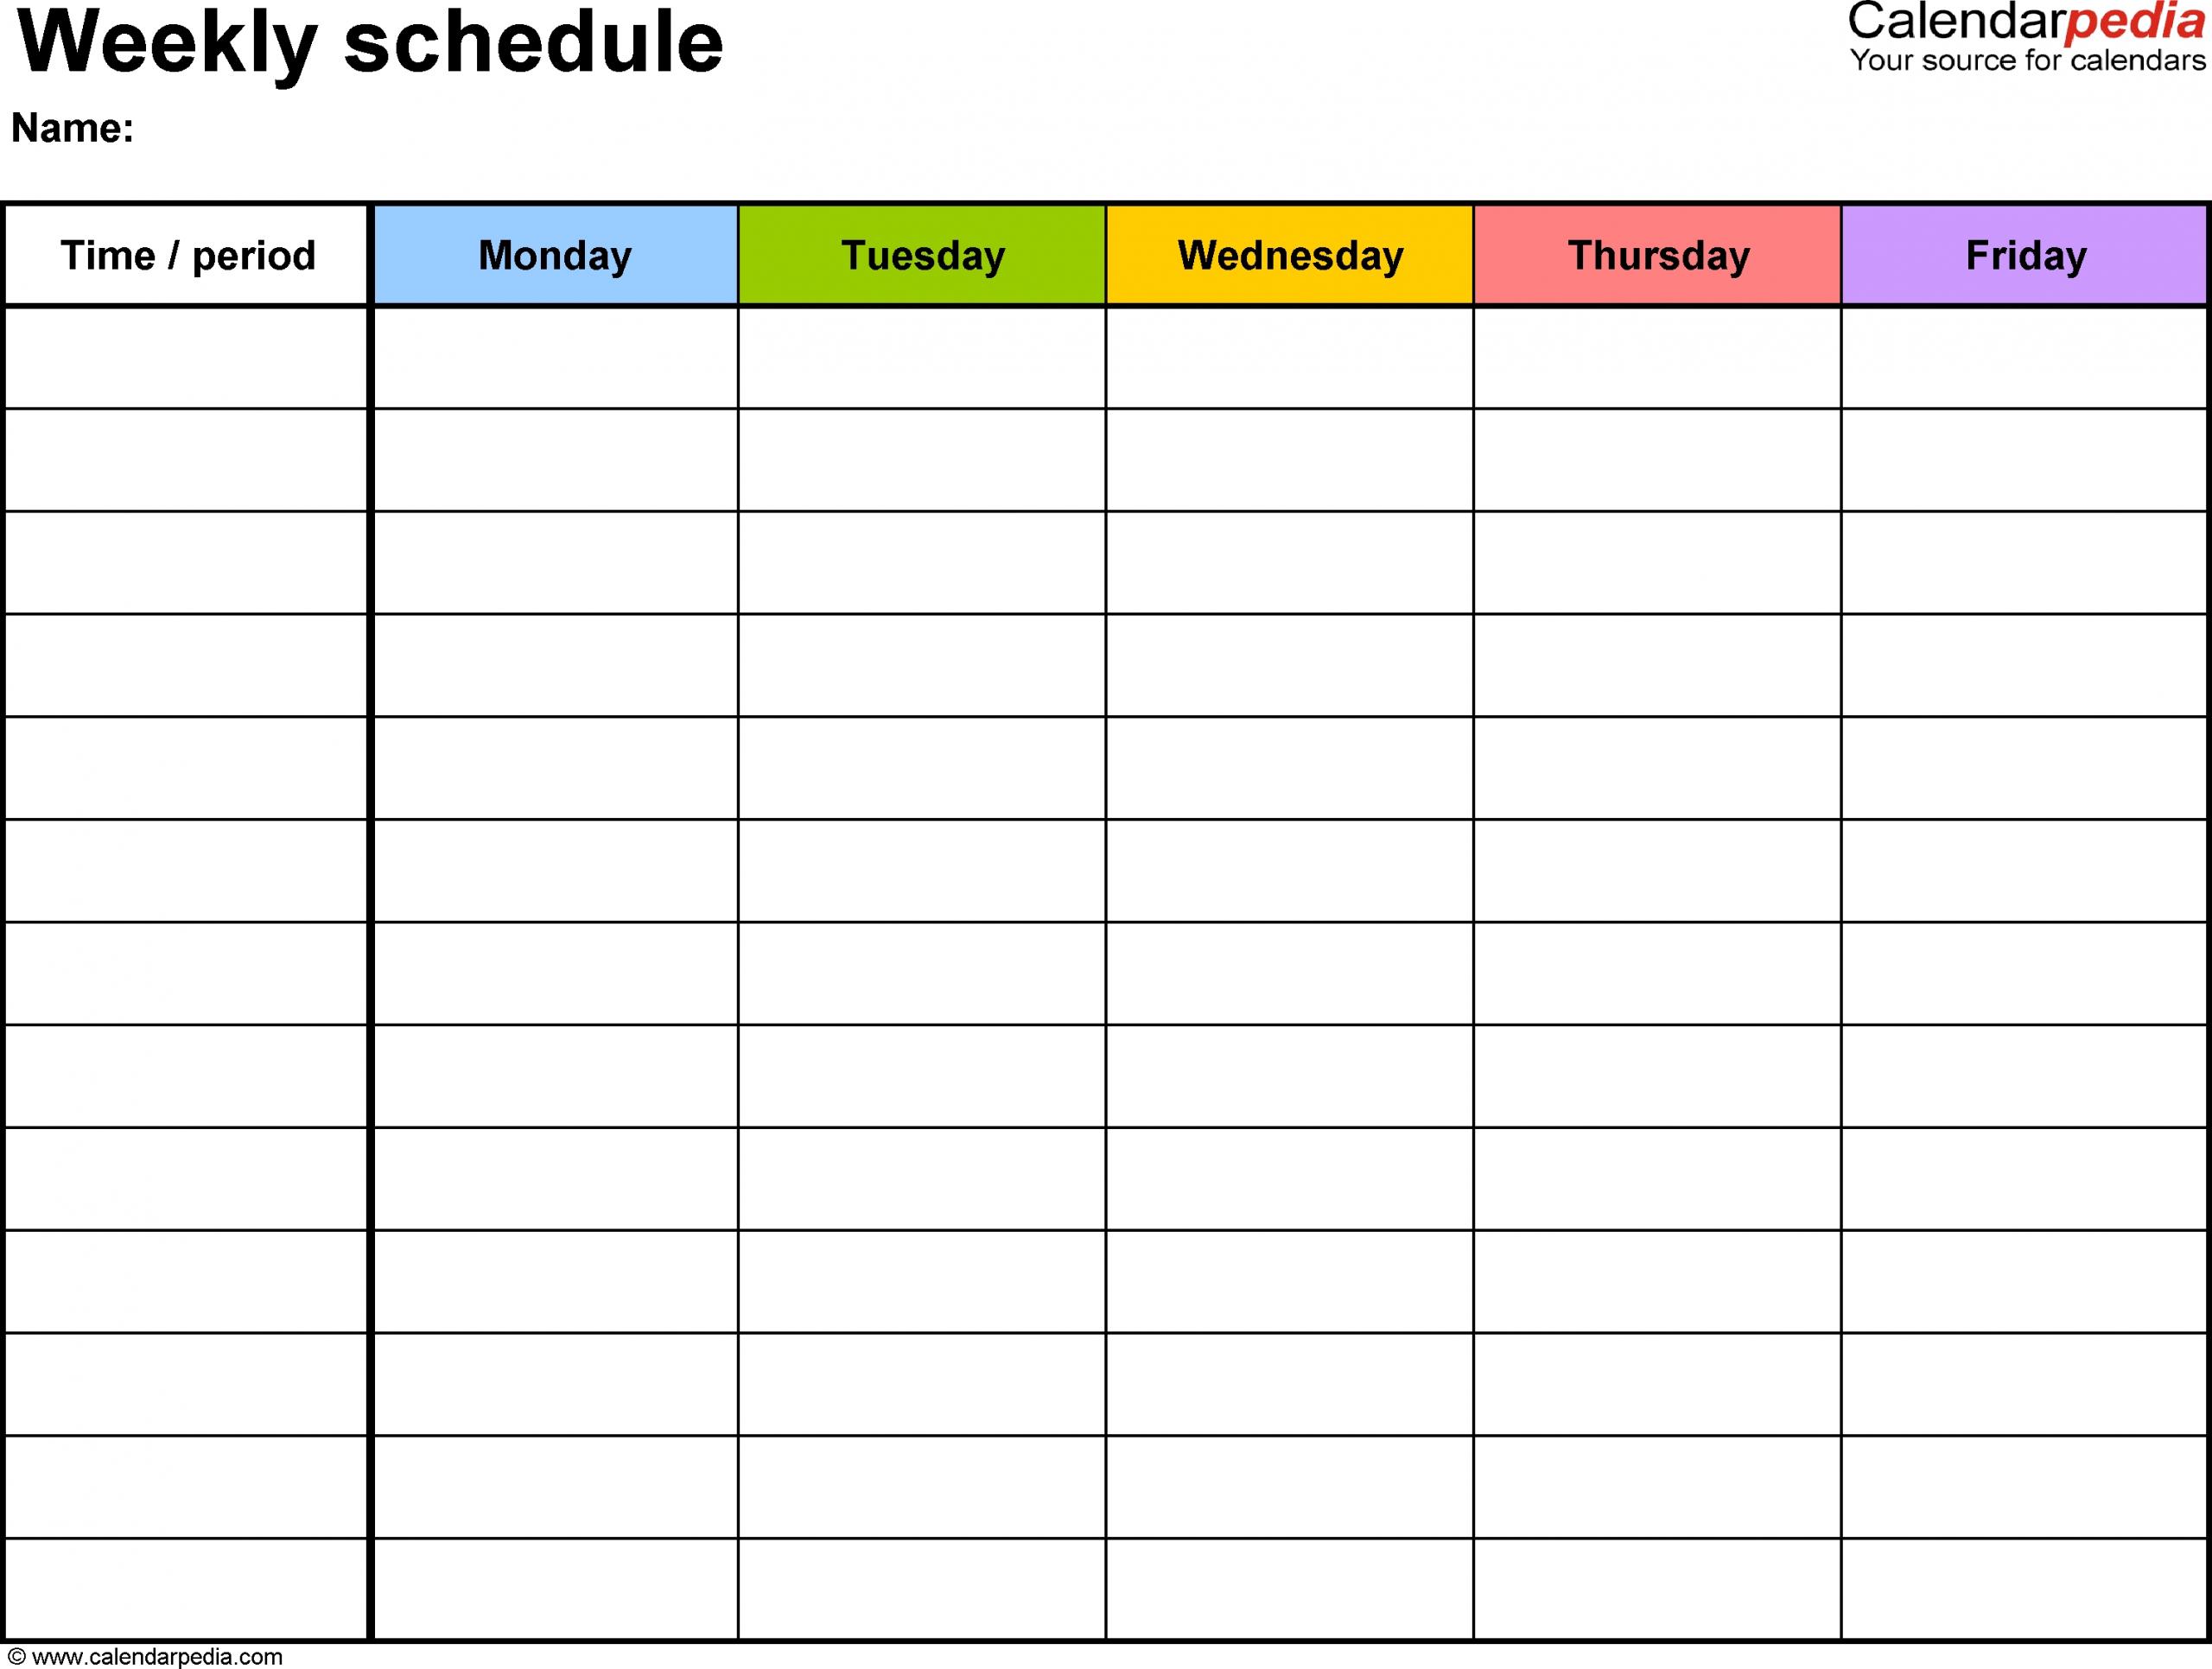 Get Weekly Schedule Template Editable